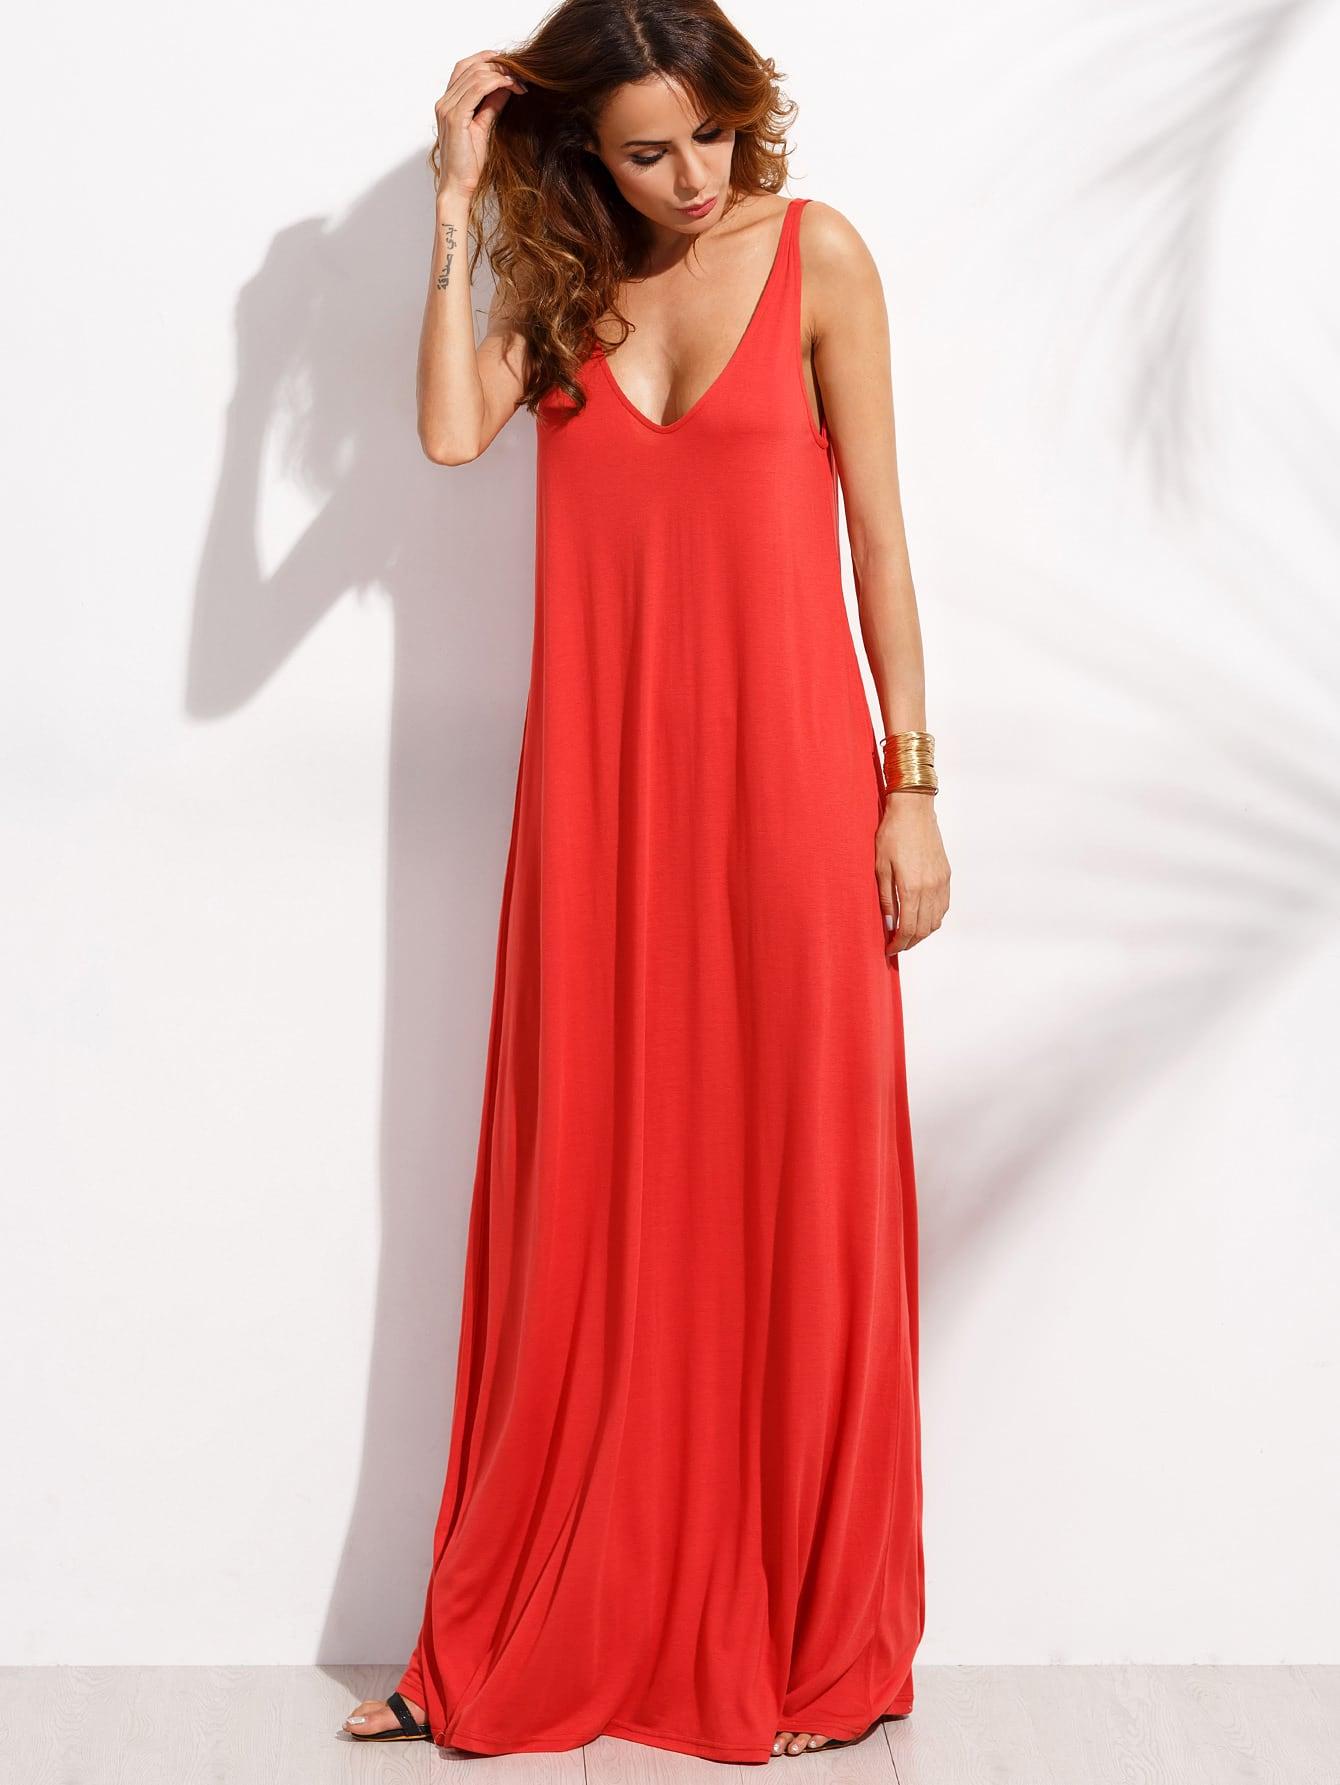 dress160726521_2